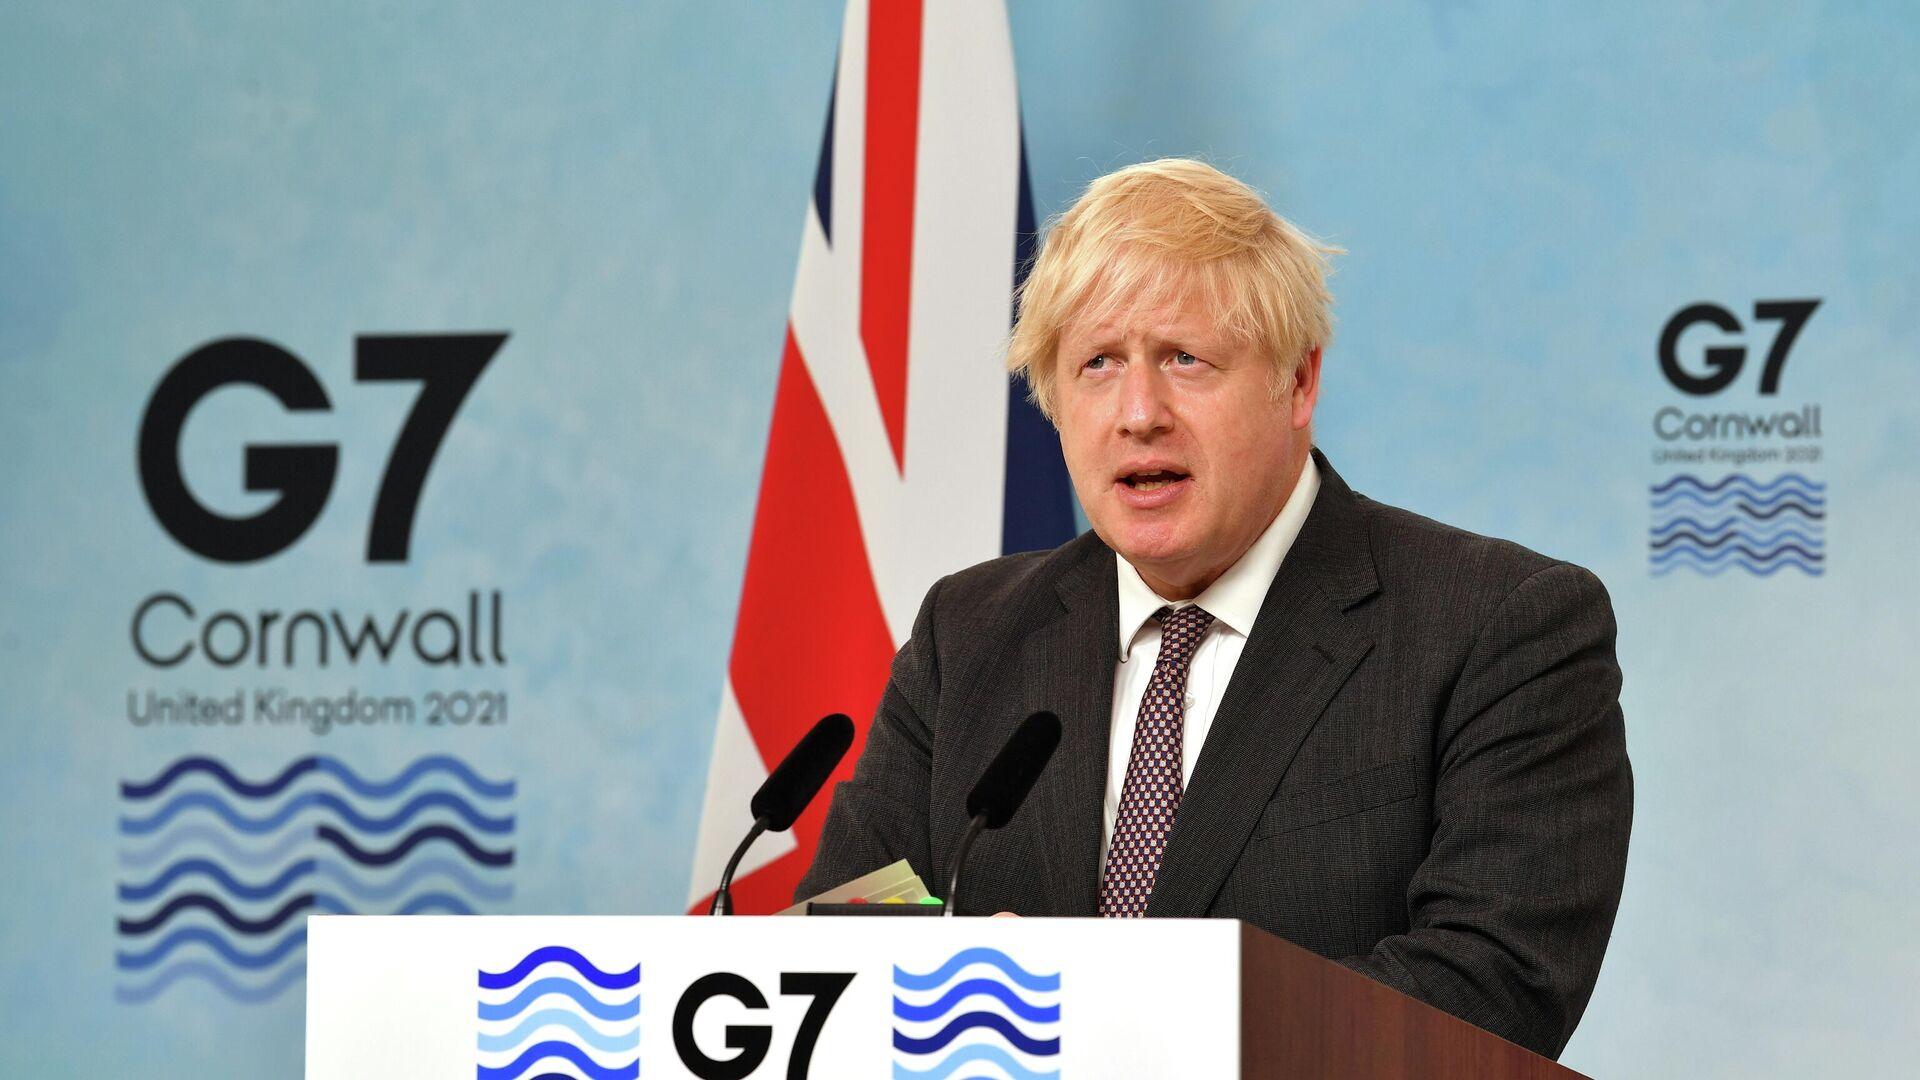 Премьер-министр Великобритании Борис Джонсон выступает на пресс-конференции по окончании саммита G7 в Великобритании - РИА Новости, 1920, 24.06.2021